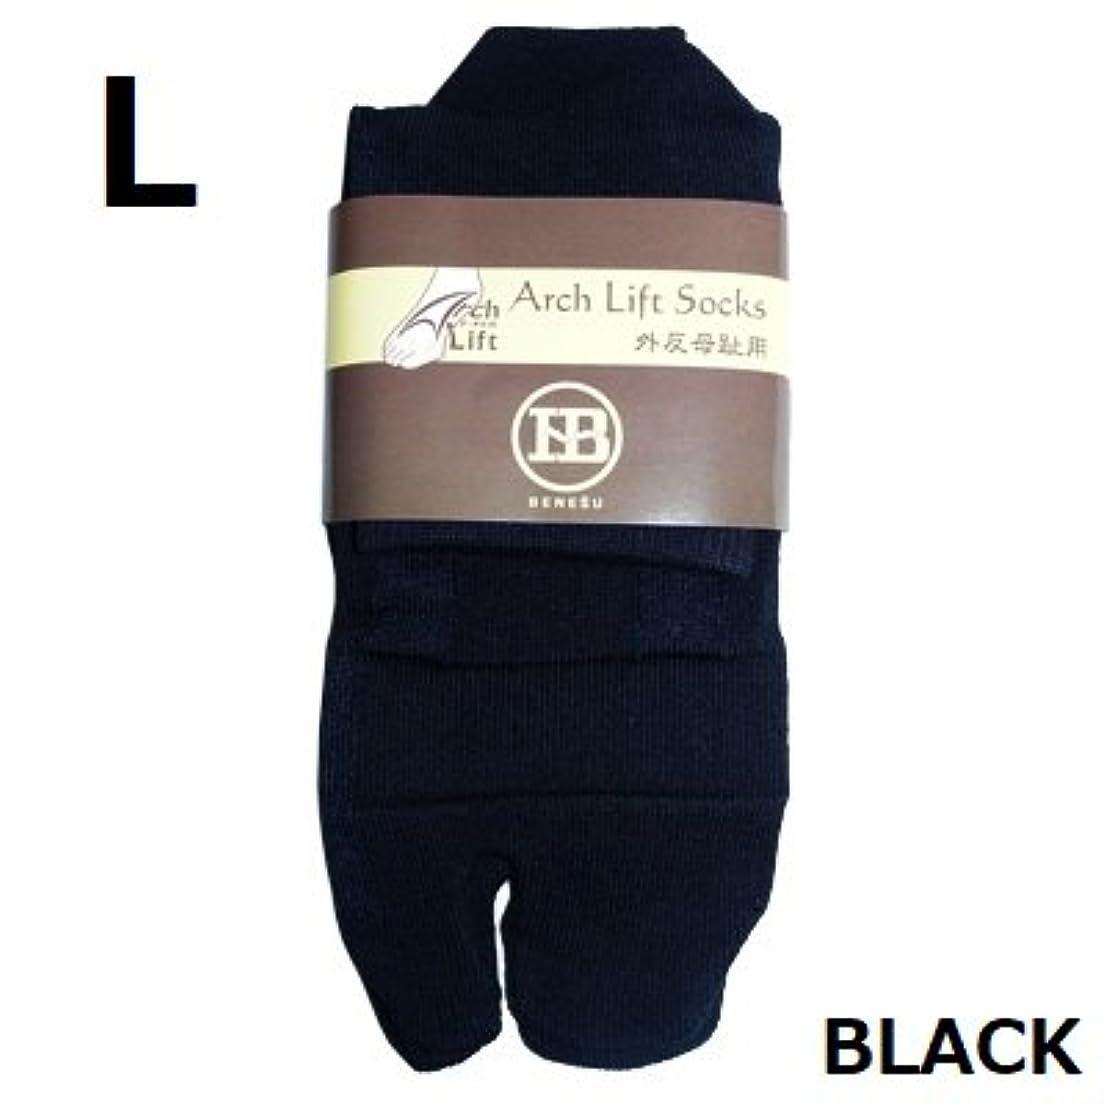 機動学士暴君アーチライフソックス 外反母趾 テーピング加工靴下 サポーター(カラー:黒色)(サイズ:L)